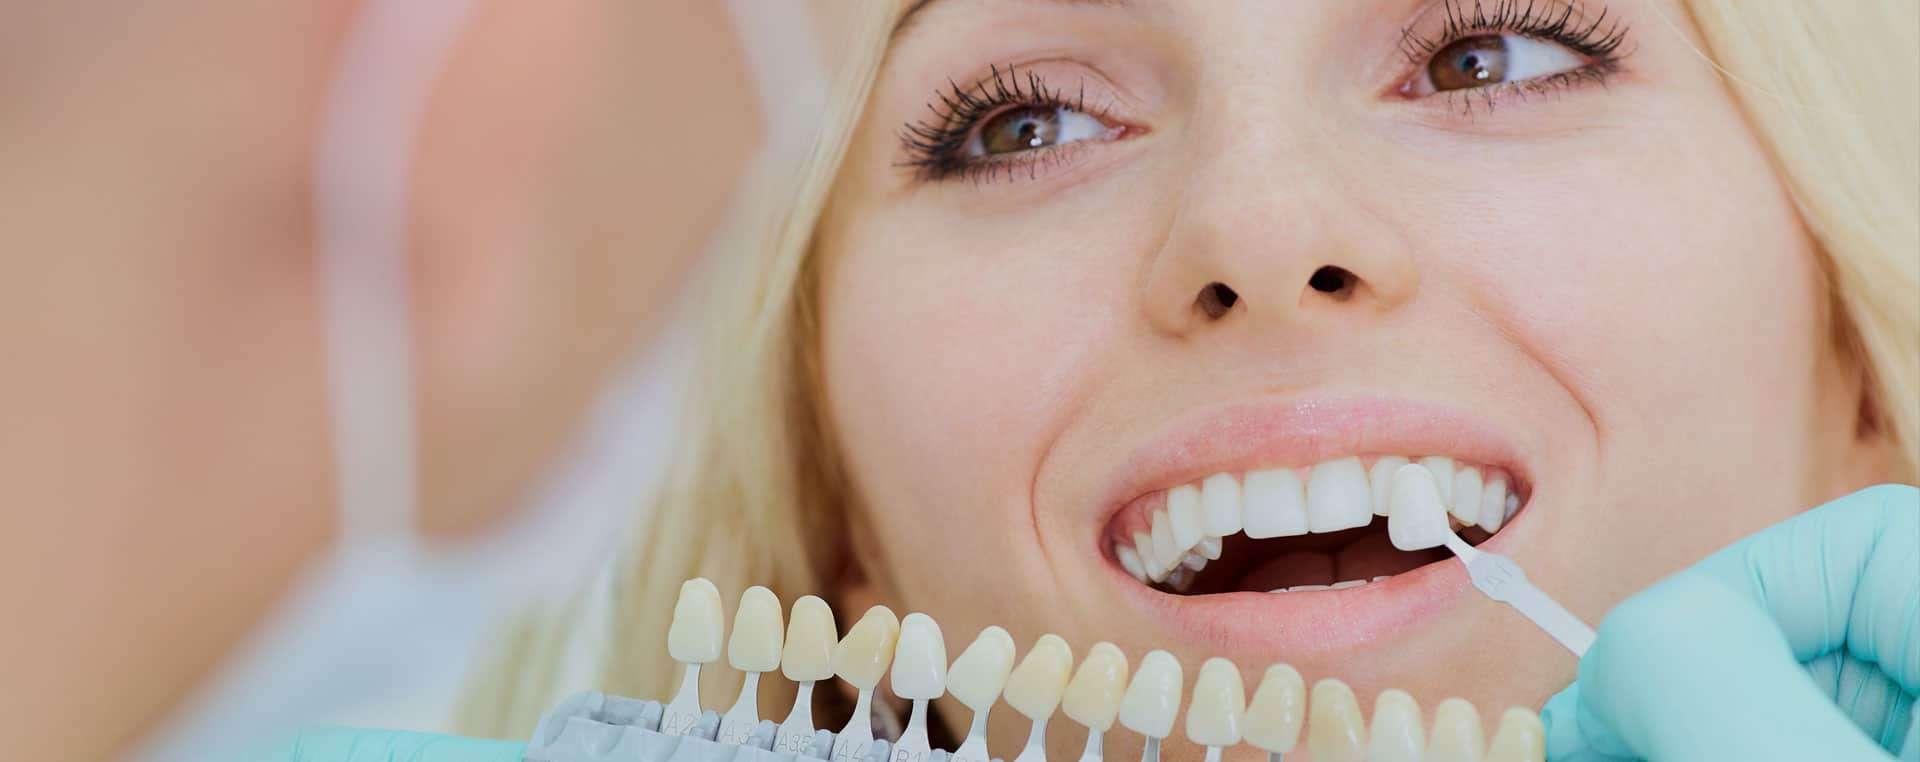 veneers dentist yardley